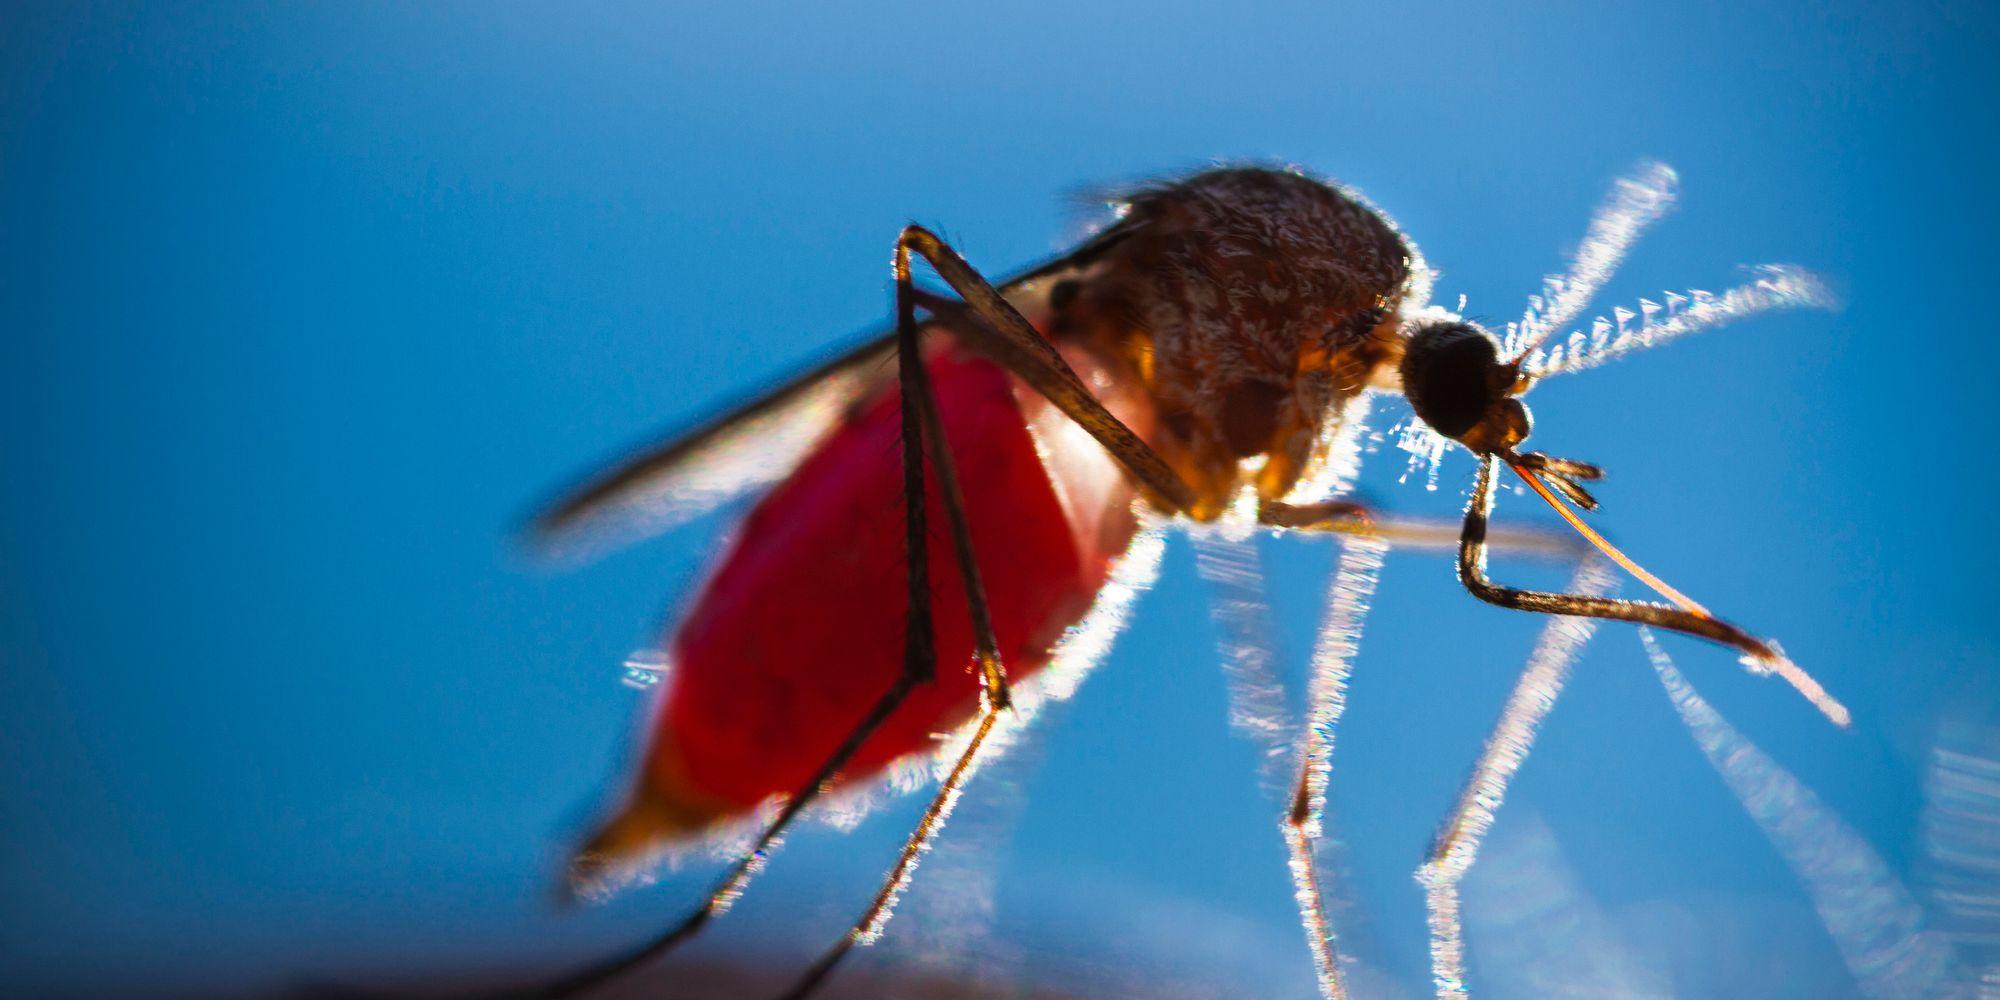 The Strange Reason Women Get Chikungunya More Than Men